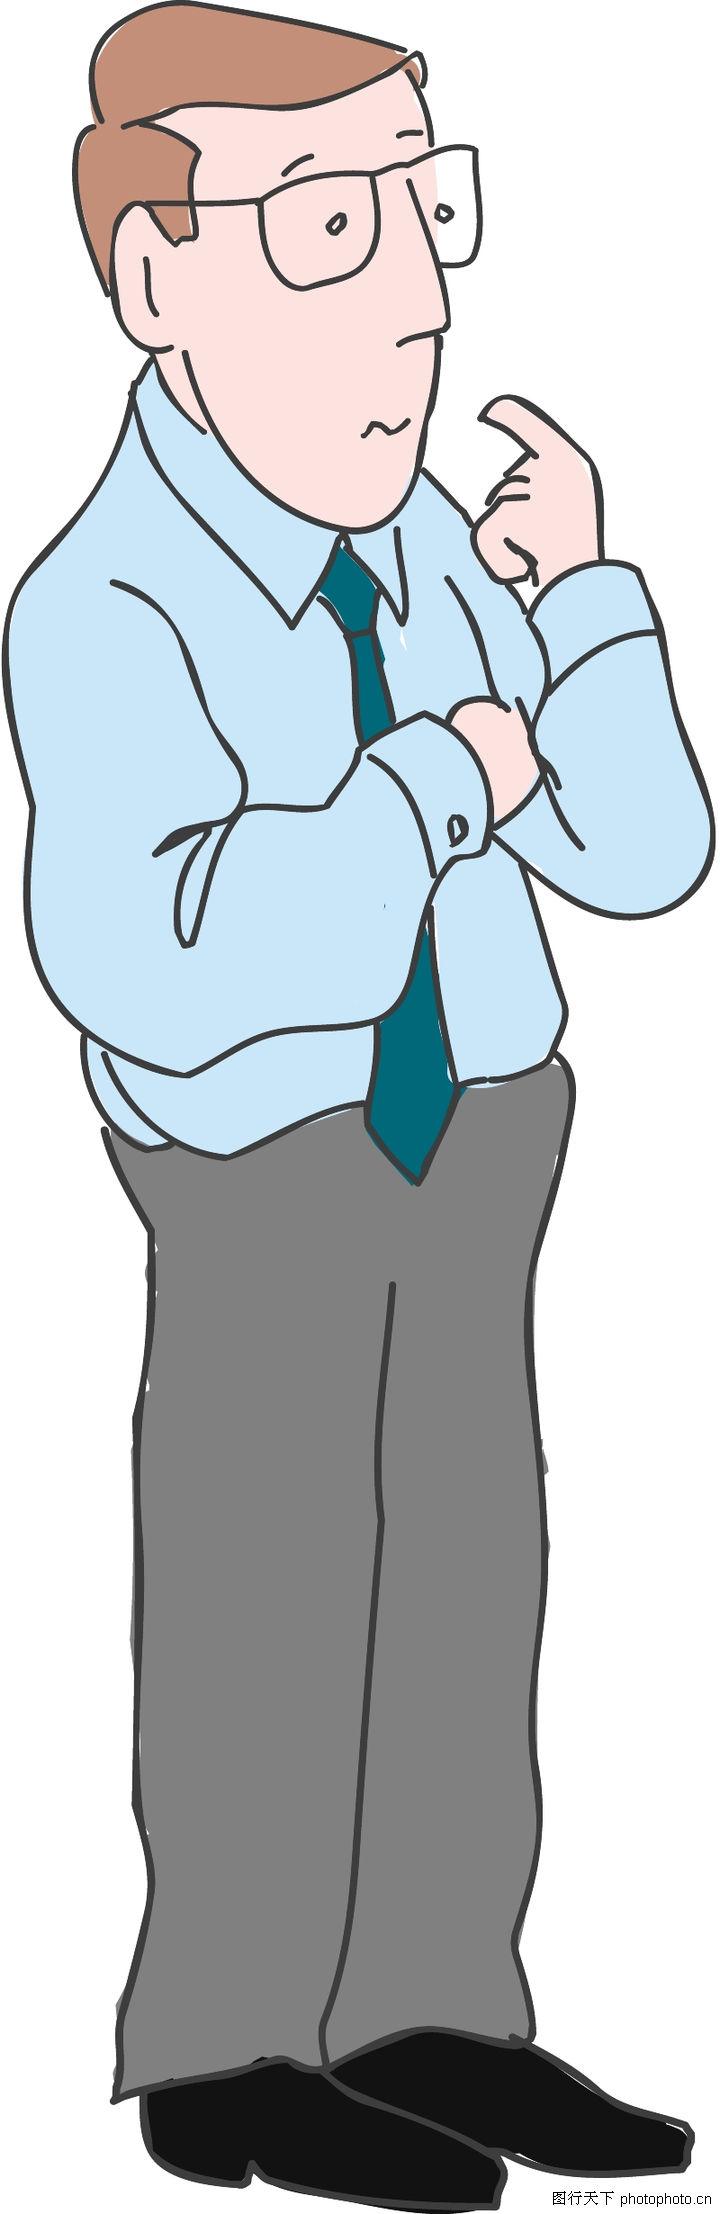 漫画卡通,中年男子